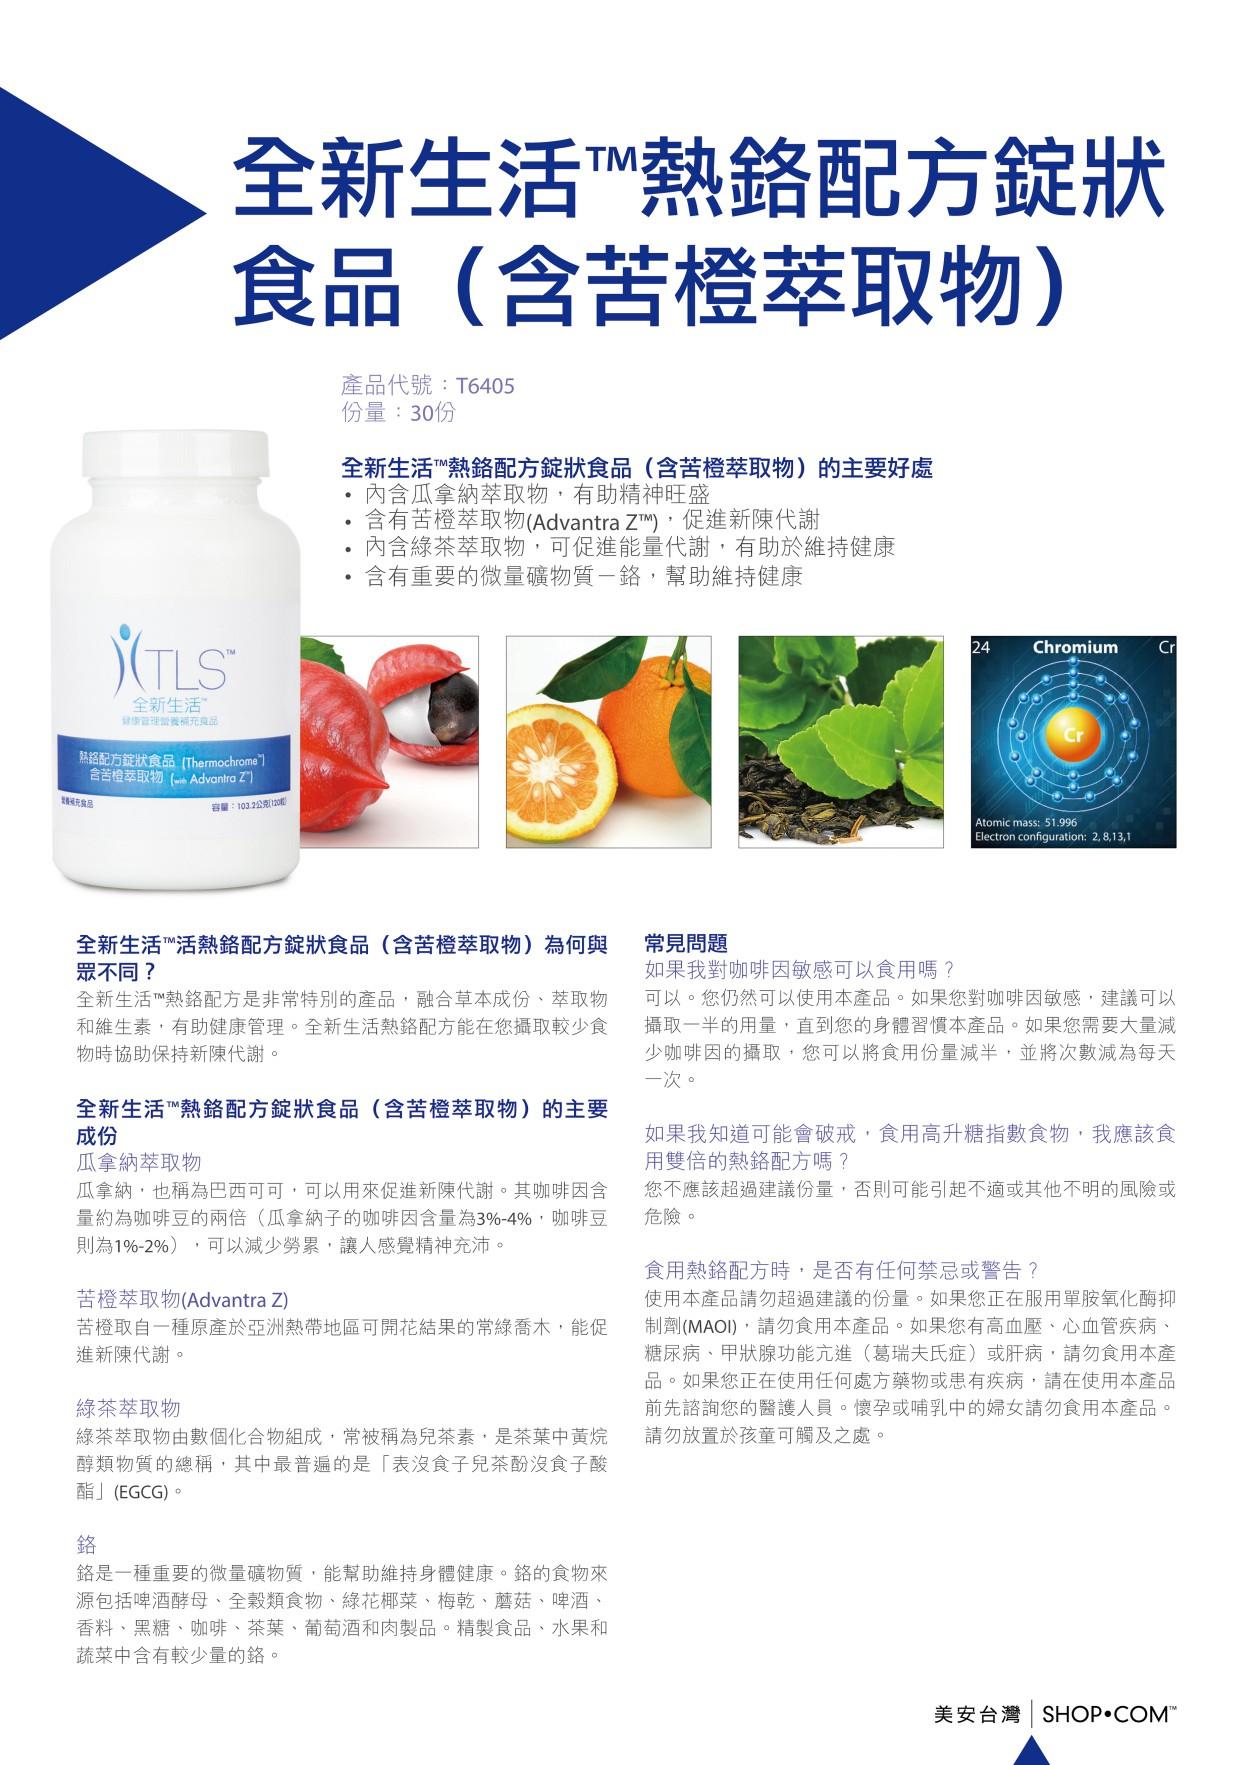 美安DM022-全新生活™熱鉻配方錠狀食品(含苦橙萃取物)_産品資訊- 100張